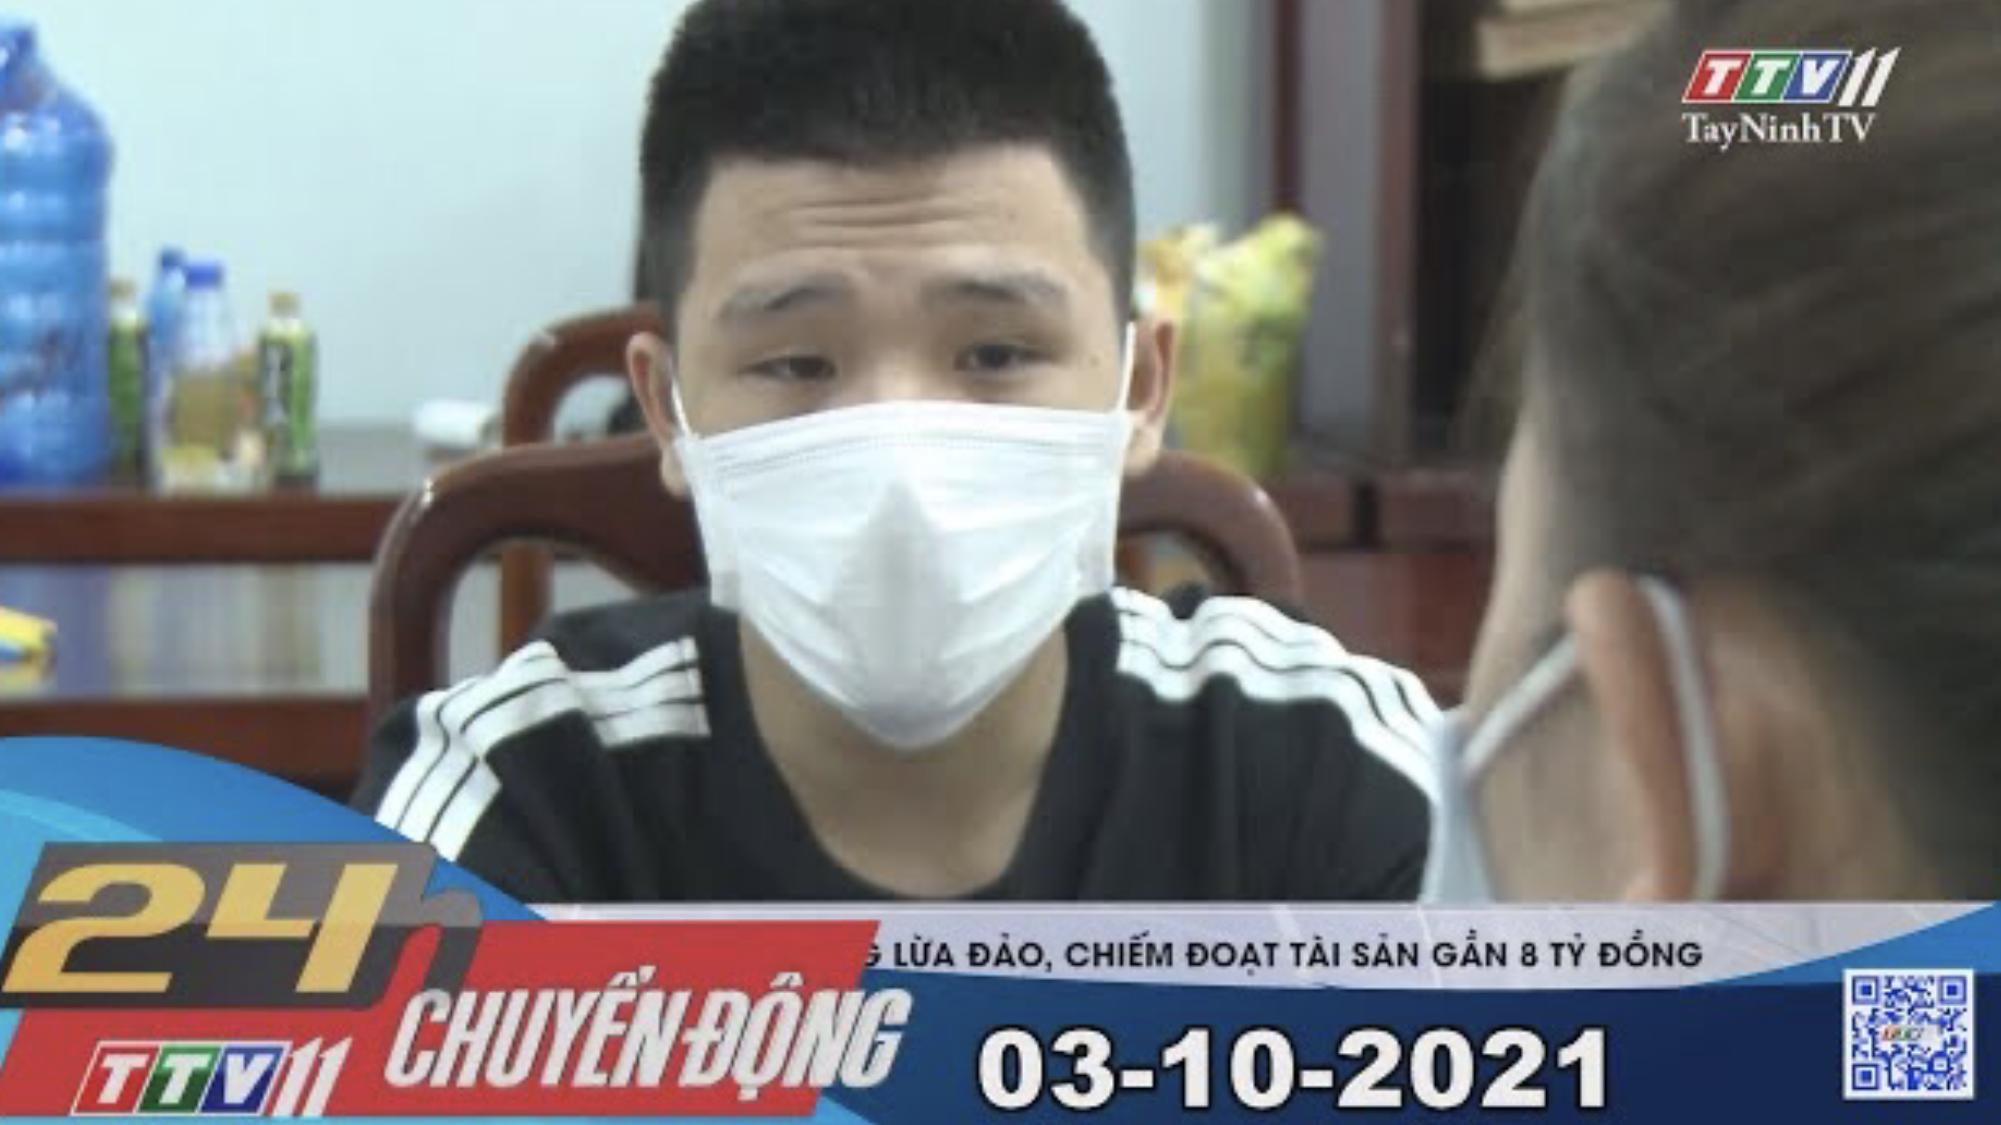 24H CHUYỂN ĐỘNG 03/10/2021 | Tin tức hôm nay | TayNinhTV